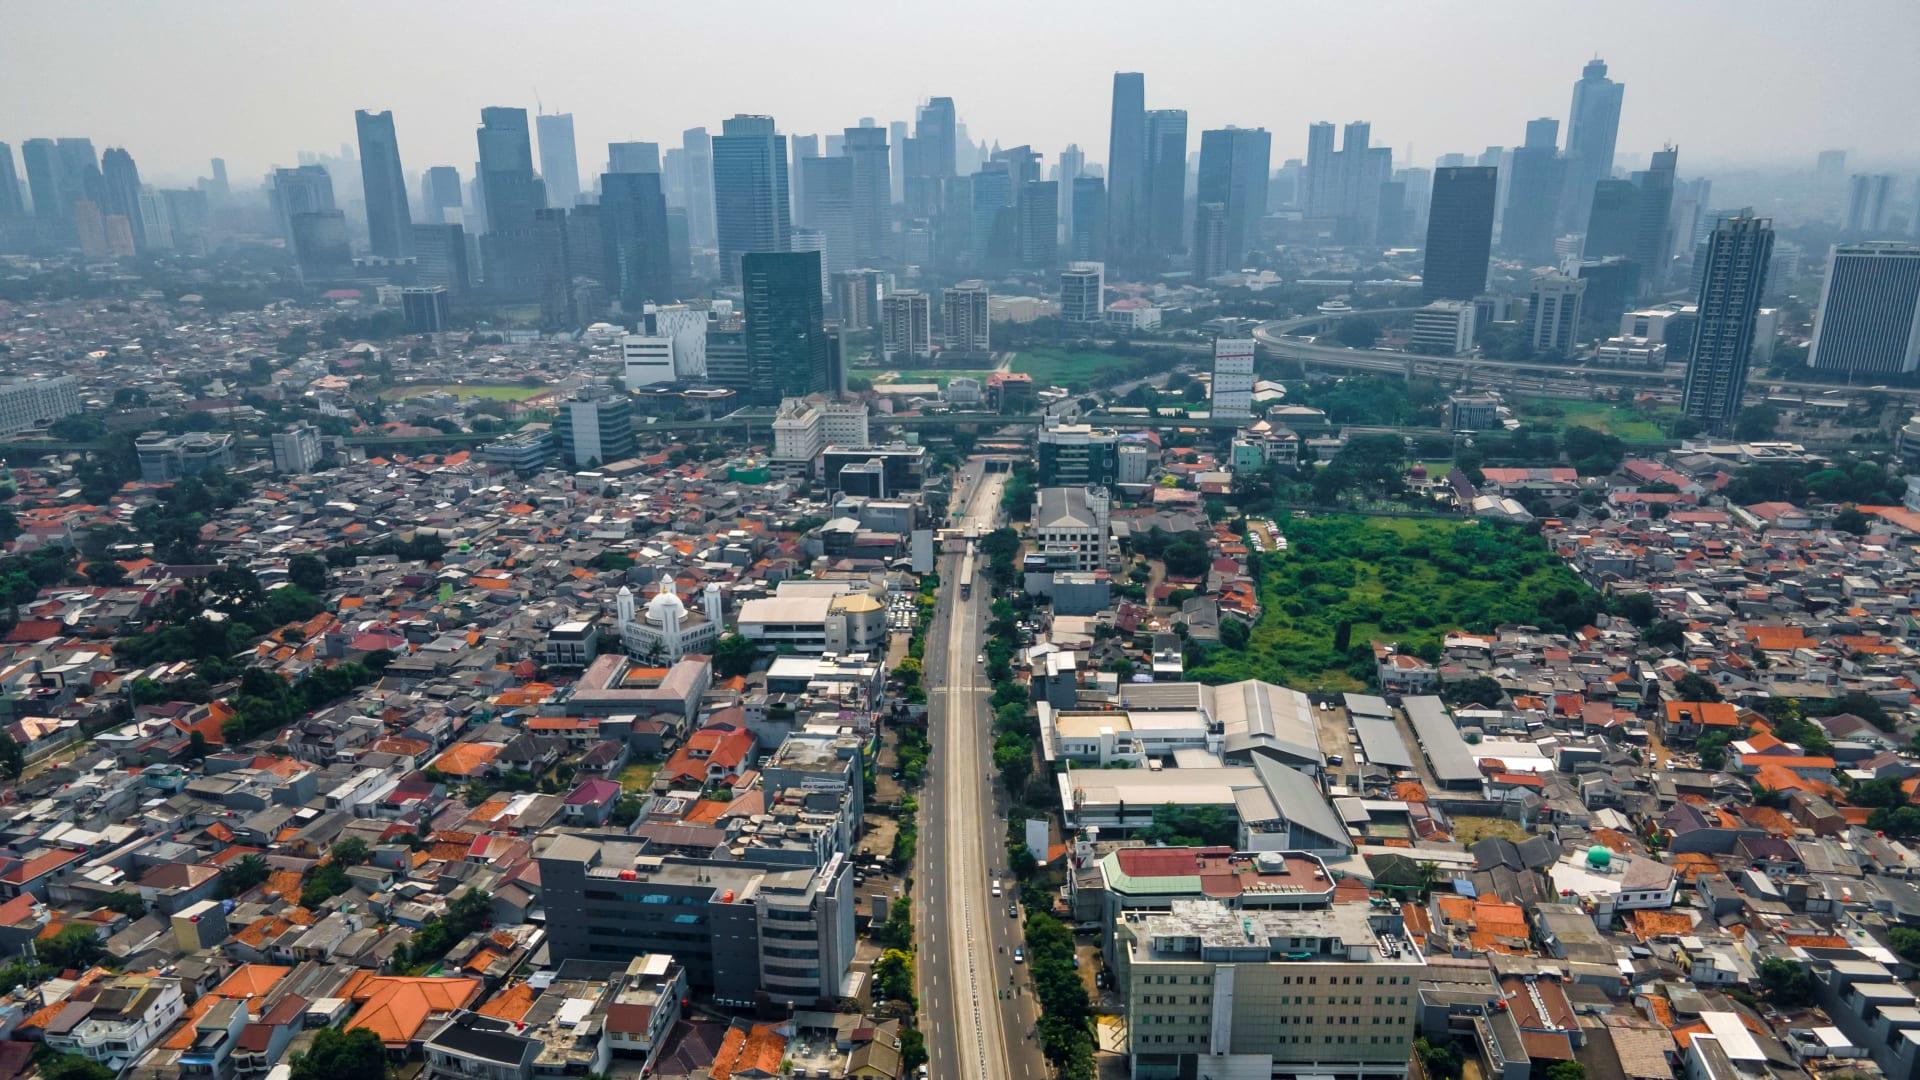 السعودية تمنع مواطنيها من السفر لإندونيسيا بسبب متحور كورونا الجديد